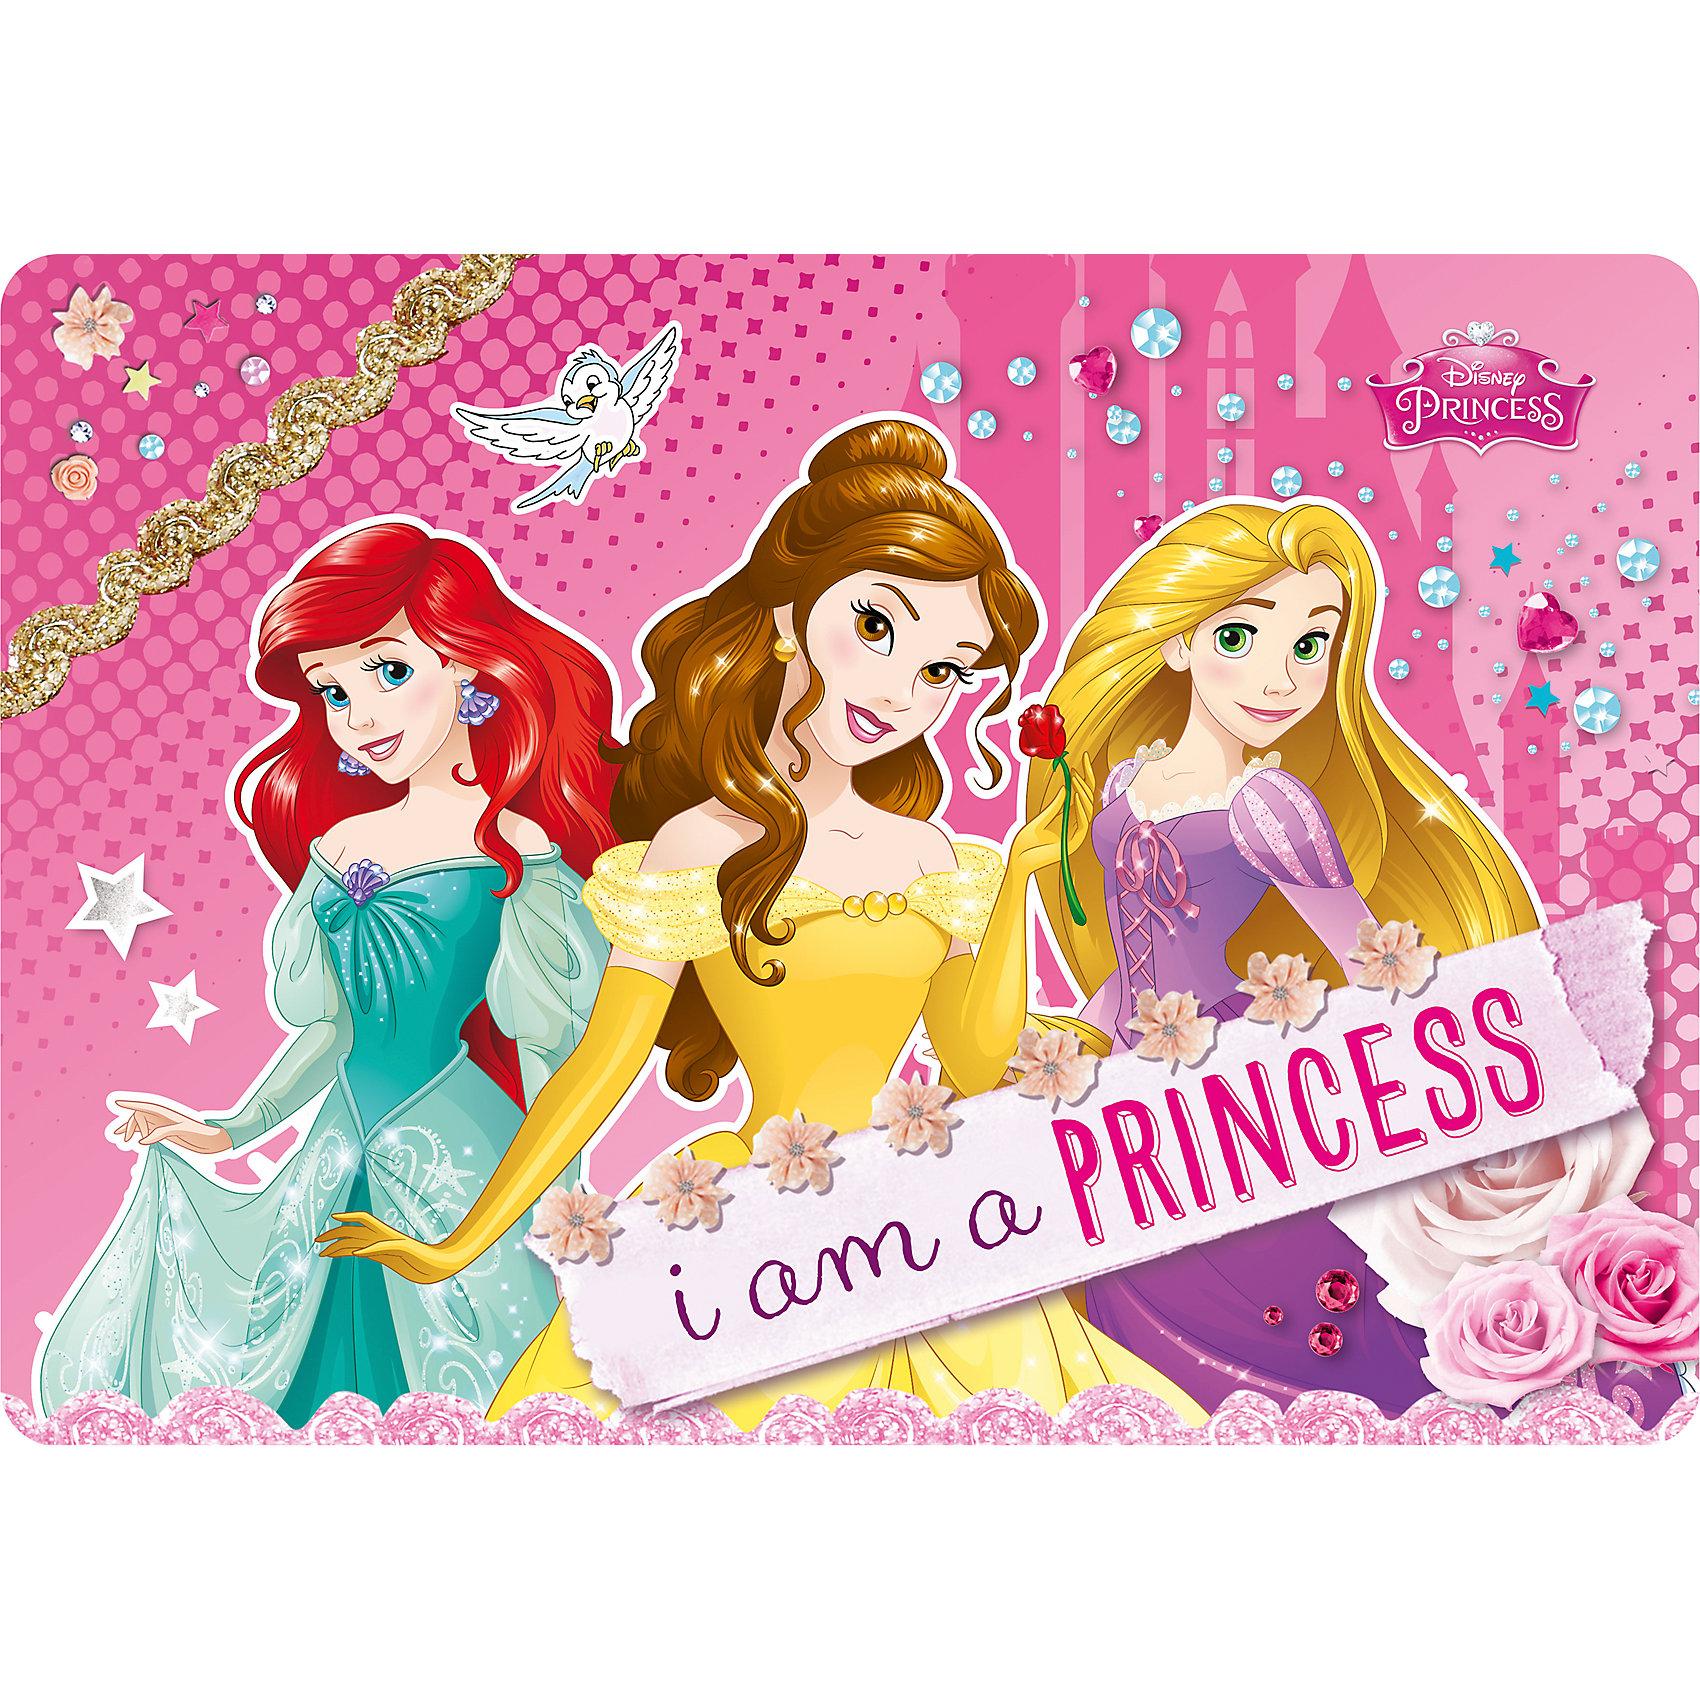 Подкладка на стол А4, Принцессы ДиснейПринцессы Дисней<br>Подкладка на стол, Принцессы Дисней, сохранит стол маленькой школьницы в чистоте и порядке, отлично подойдет для занятий творчеством, лепкой и рисованием. Подкладка выполнена в ярком привлекательном дизайне и украшена изображениями волшебных принцесс из популярных диснеевских мультфильмов.<br><br>Дополнительная информация:<br><br>- Материал: пластик.<br>- Формат: А4.<br>- Размер: 21 х 30 см.<br>- Вес: 24 гр.<br><br>Подкладку на стол А4, Принцессы Дисней, можно купить в нашем интернет-магазине.<br><br>Ширина мм: 210<br>Глубина мм: 300<br>Высота мм: 0<br>Вес г: 24<br>Возраст от месяцев: 48<br>Возраст до месяцев: 84<br>Пол: Женский<br>Возраст: Детский<br>SKU: 4489588